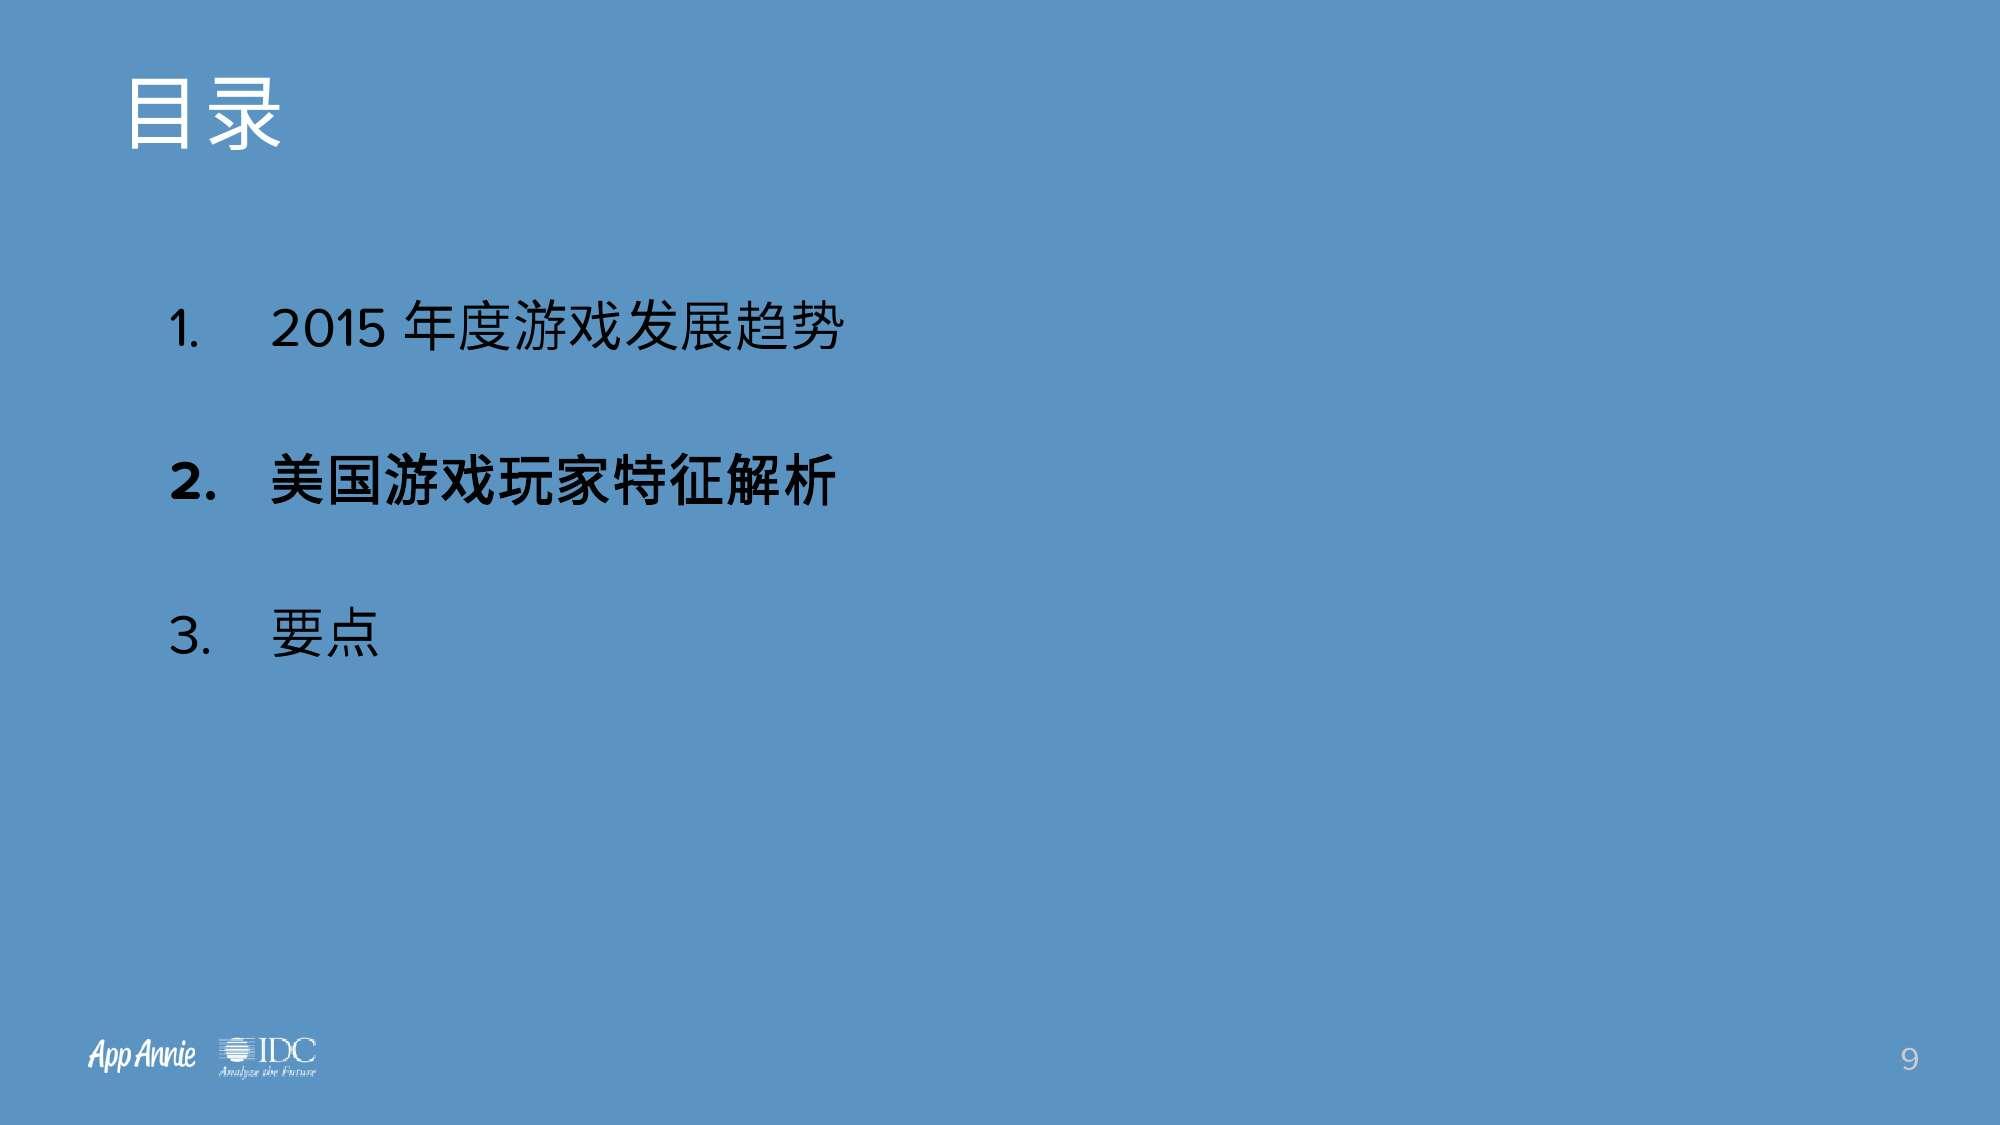 2015 年度回顾:聚焦游戏_000009